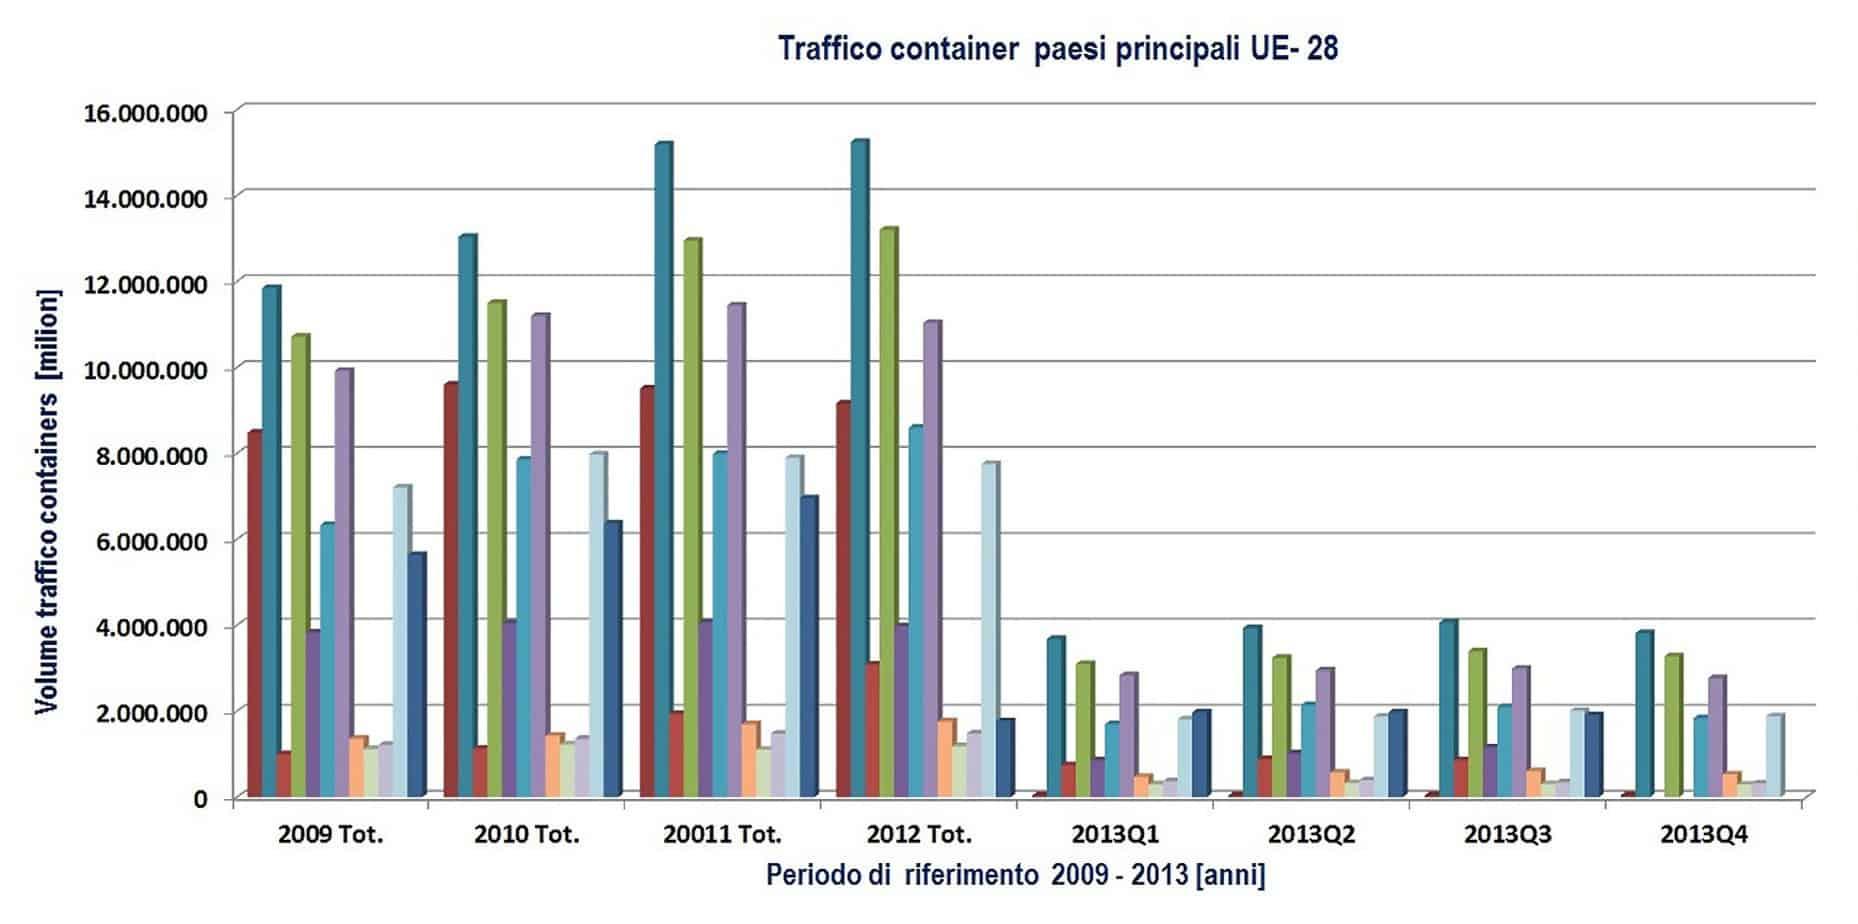 Il traffico container nei principali porti-core UE